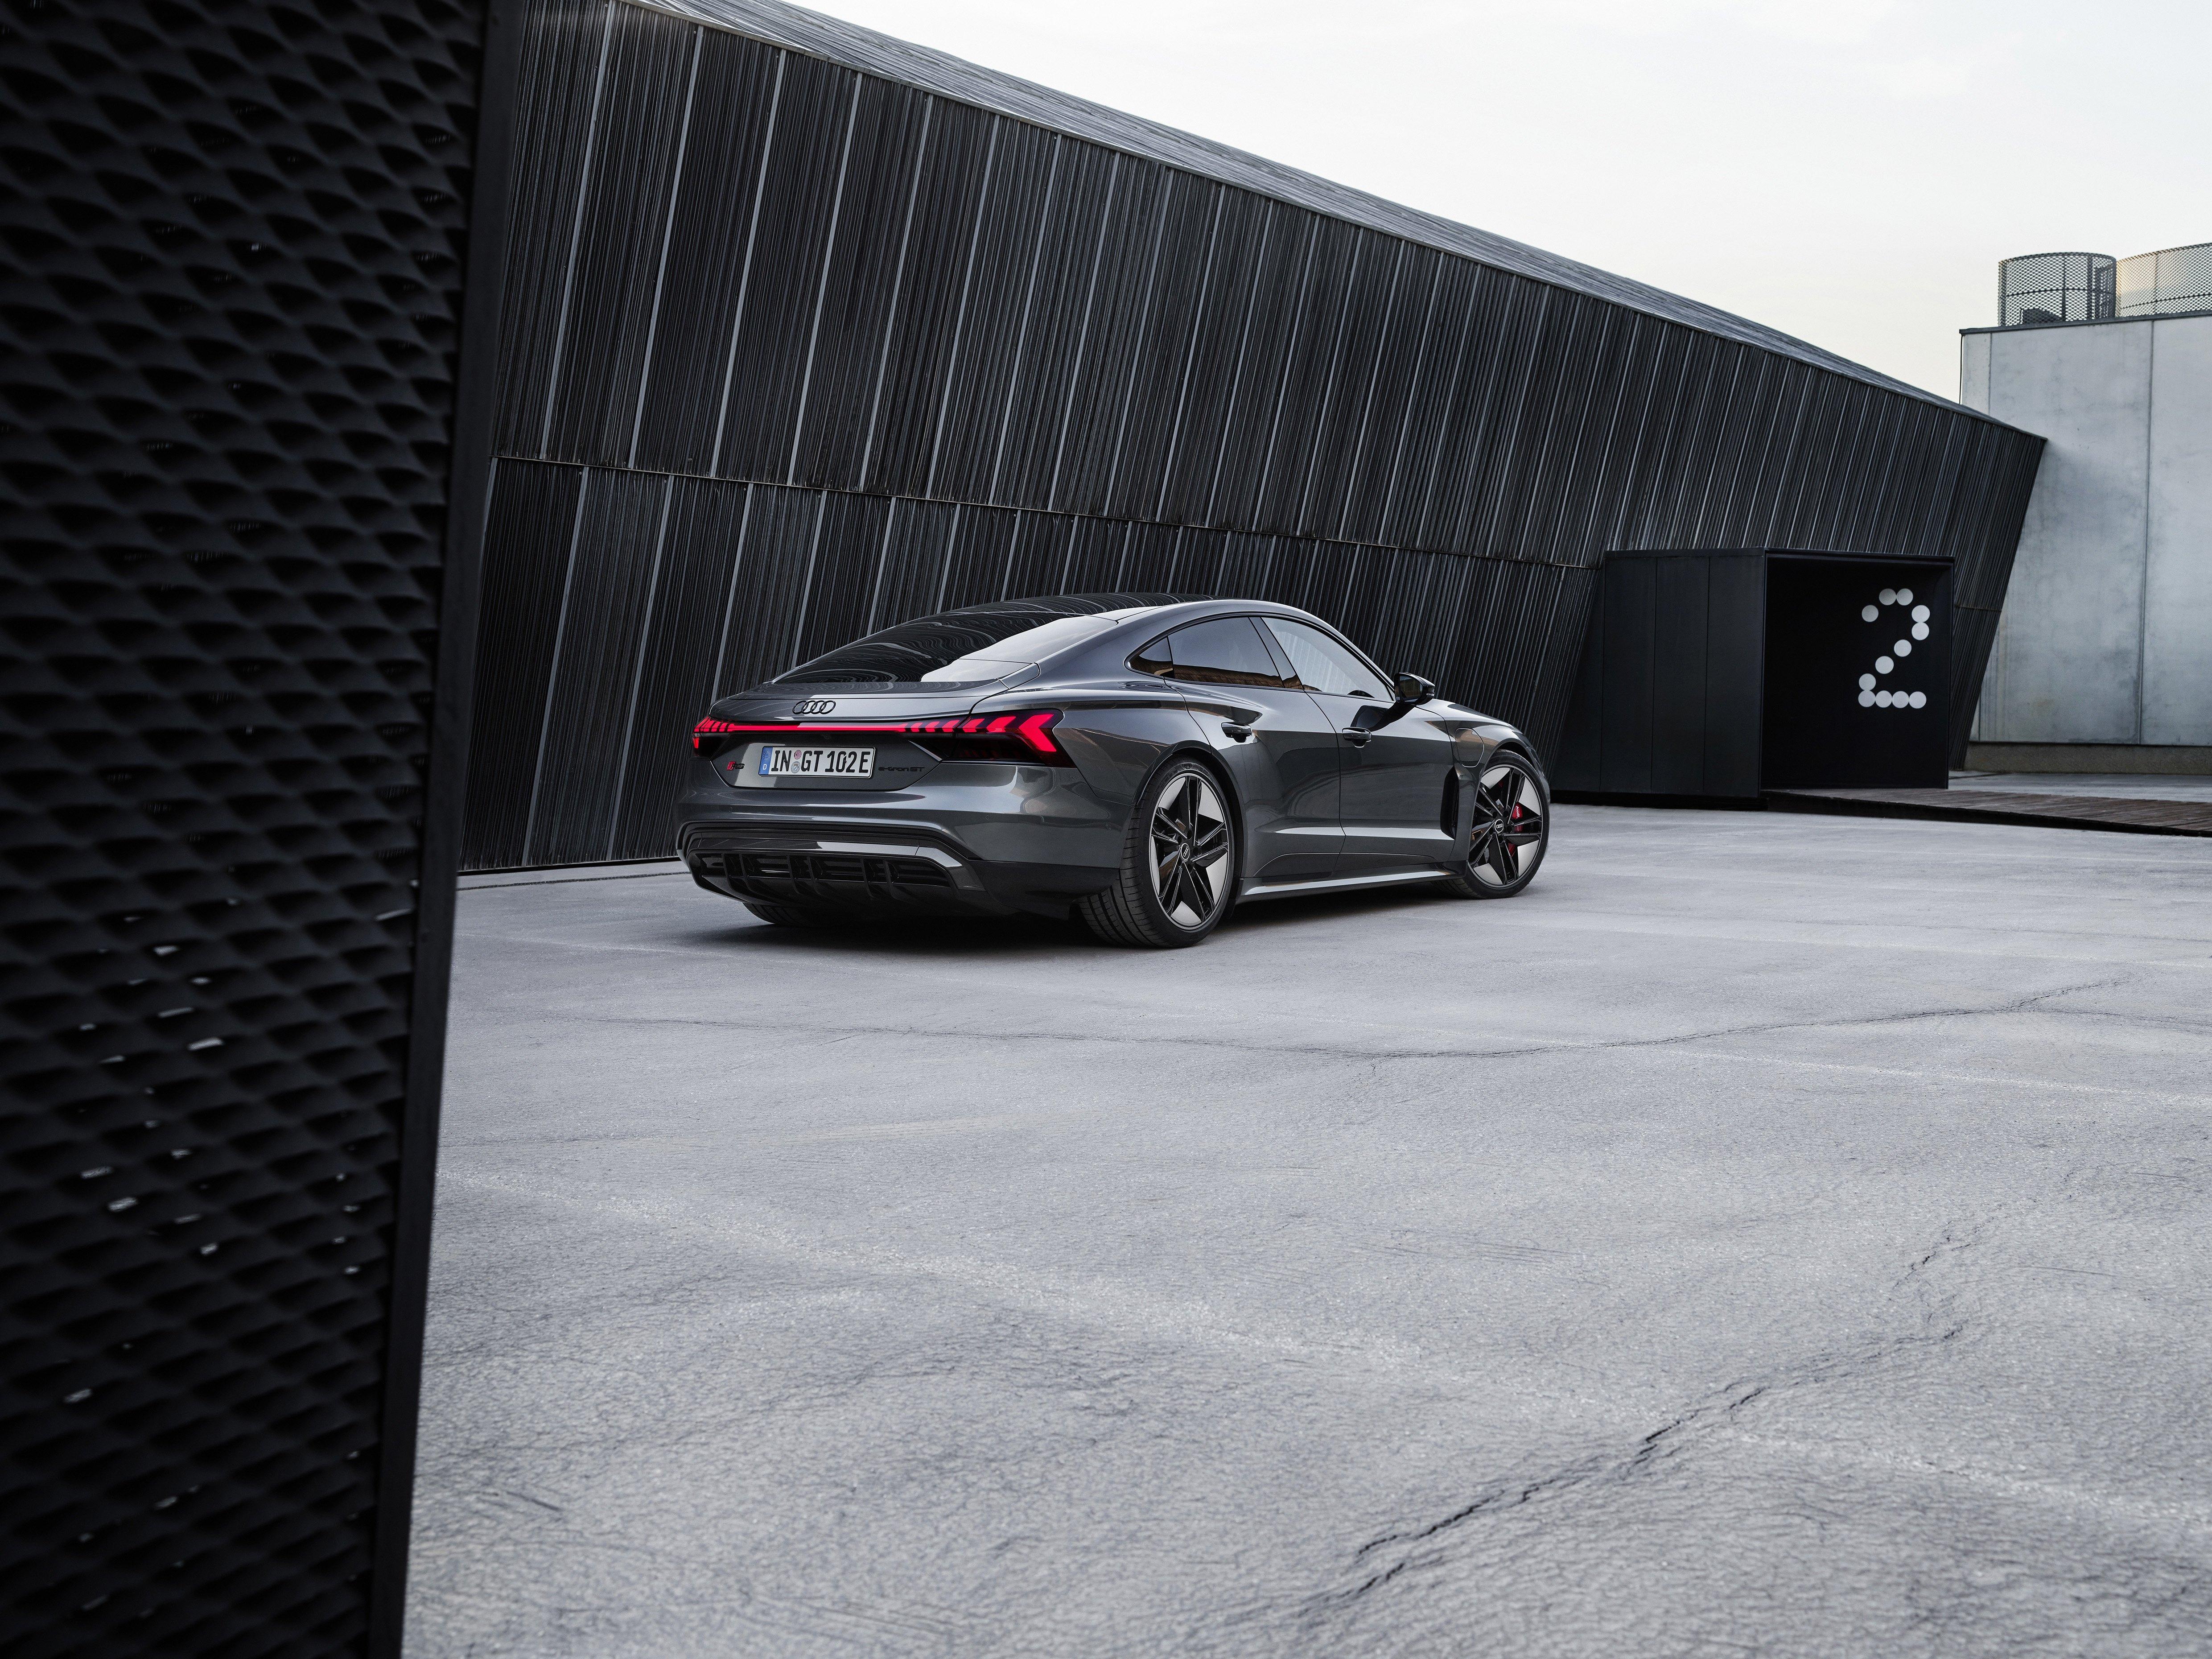 Genuine Audi Windshield 15% Off!